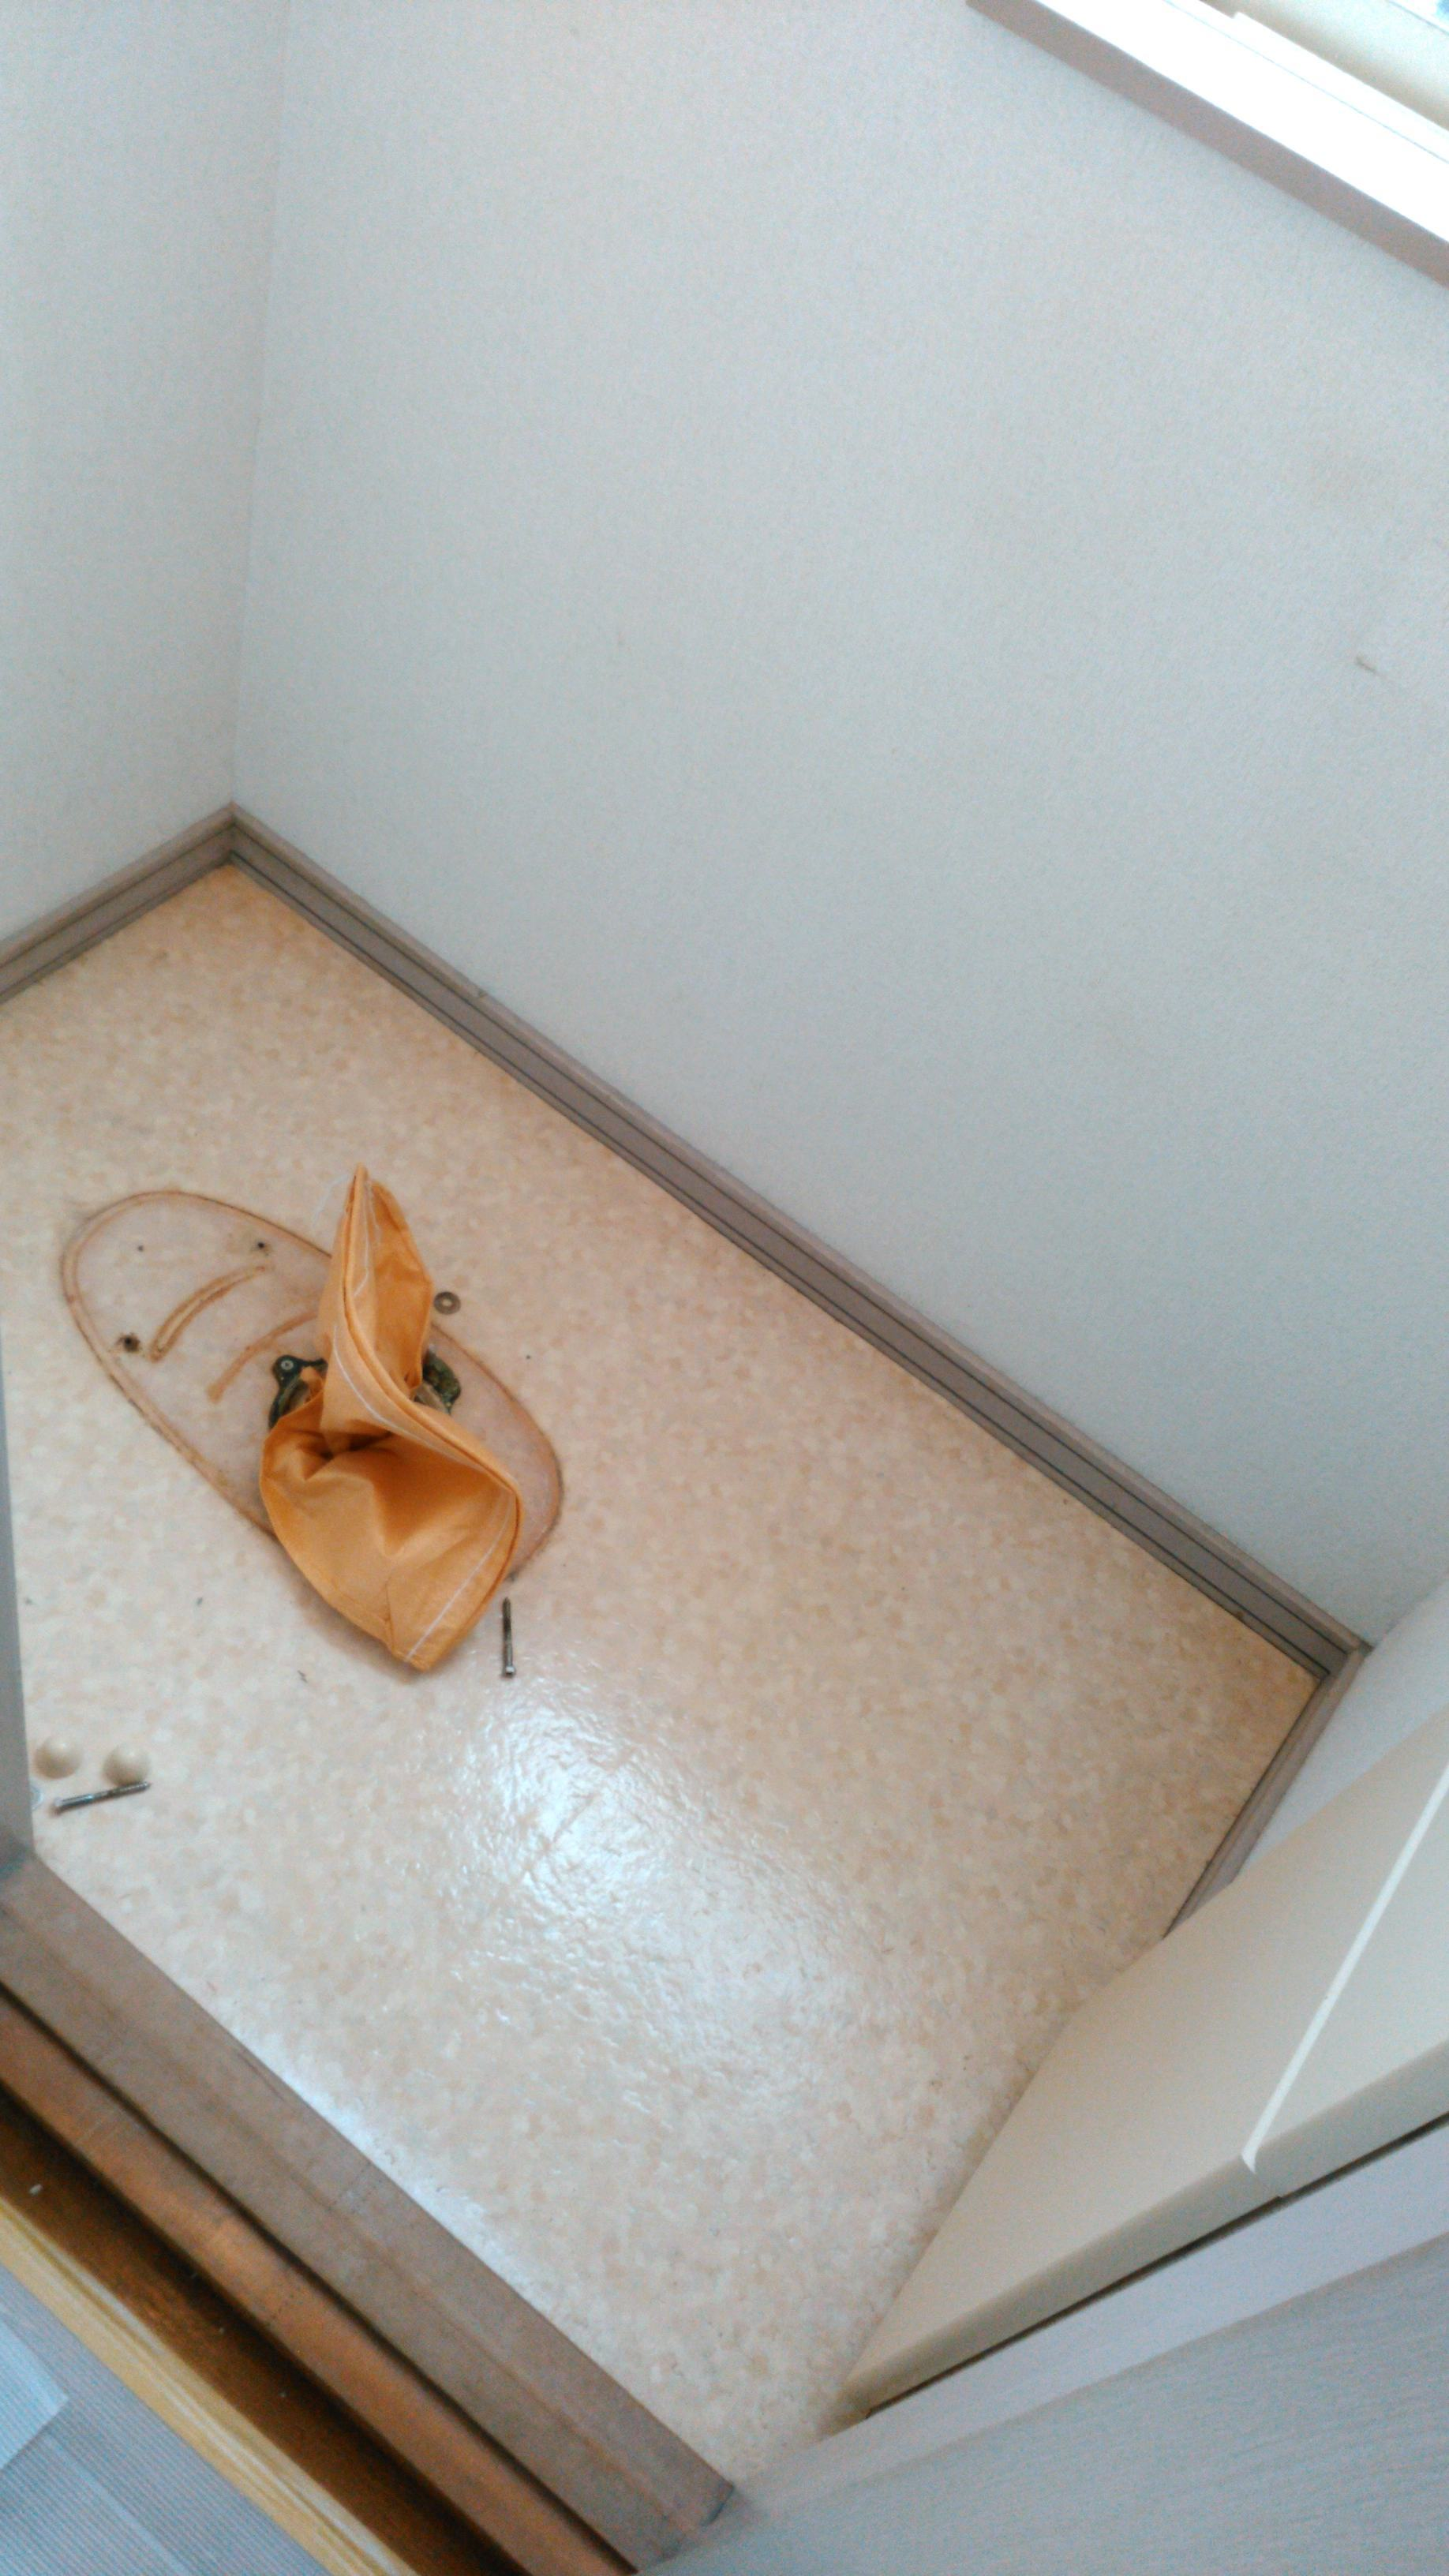 トイレのリフォーム ウィリアムモリス正規販売店のブライト_c0157866_12335938.jpg